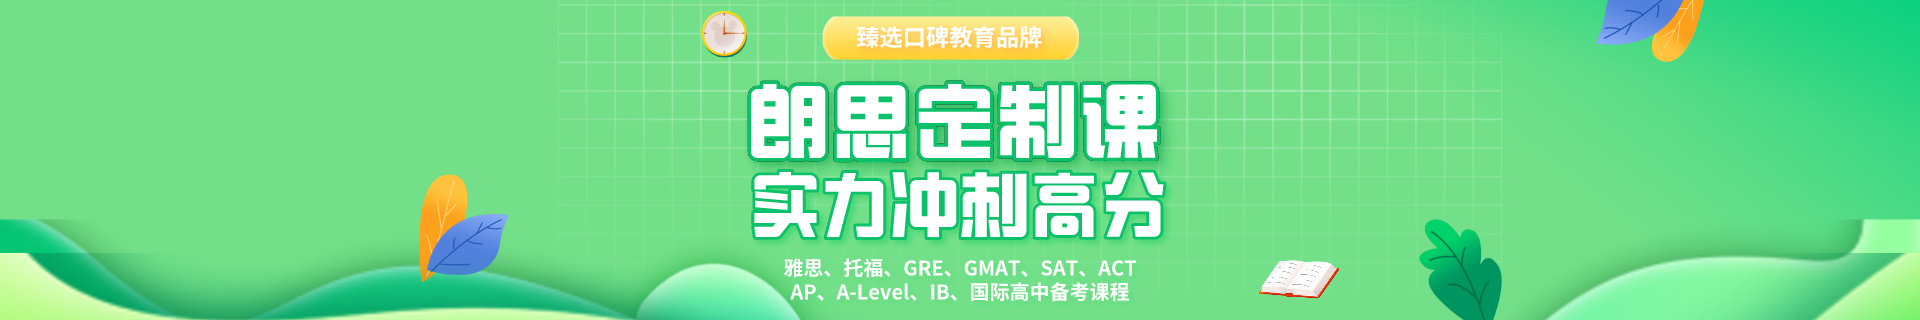 杭州下城区朗思教育机构